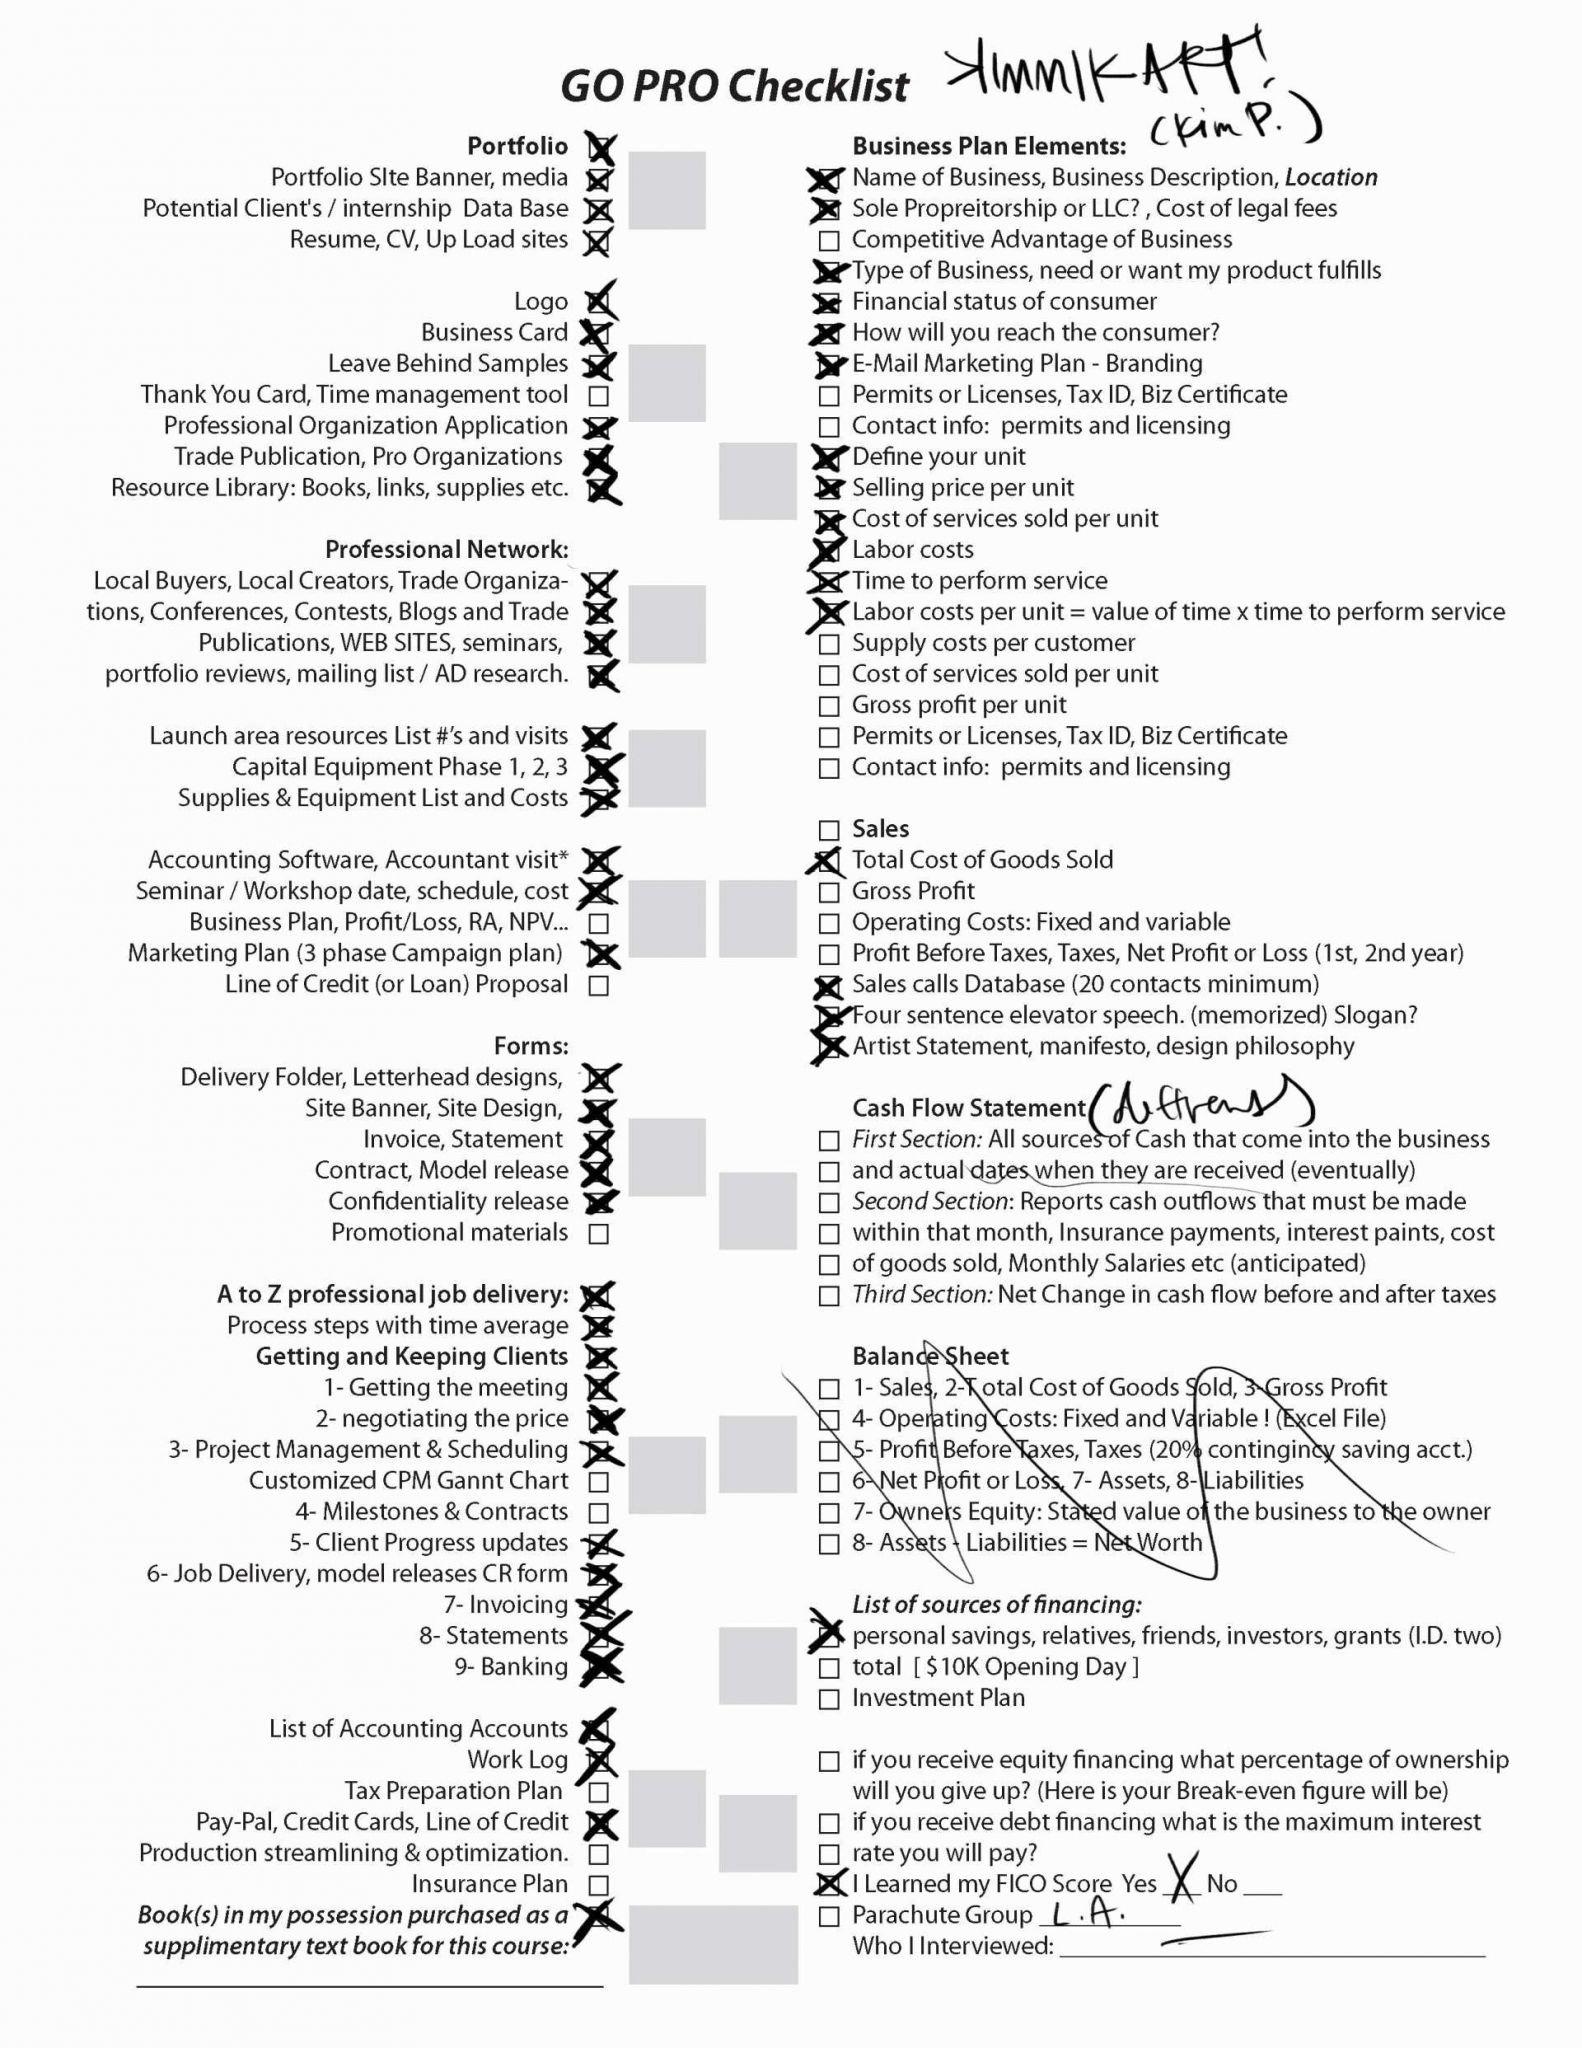 Va Maximum Loan Amount Worksheet  Briefencounters With Va Maximum Loan Amount Worksheet